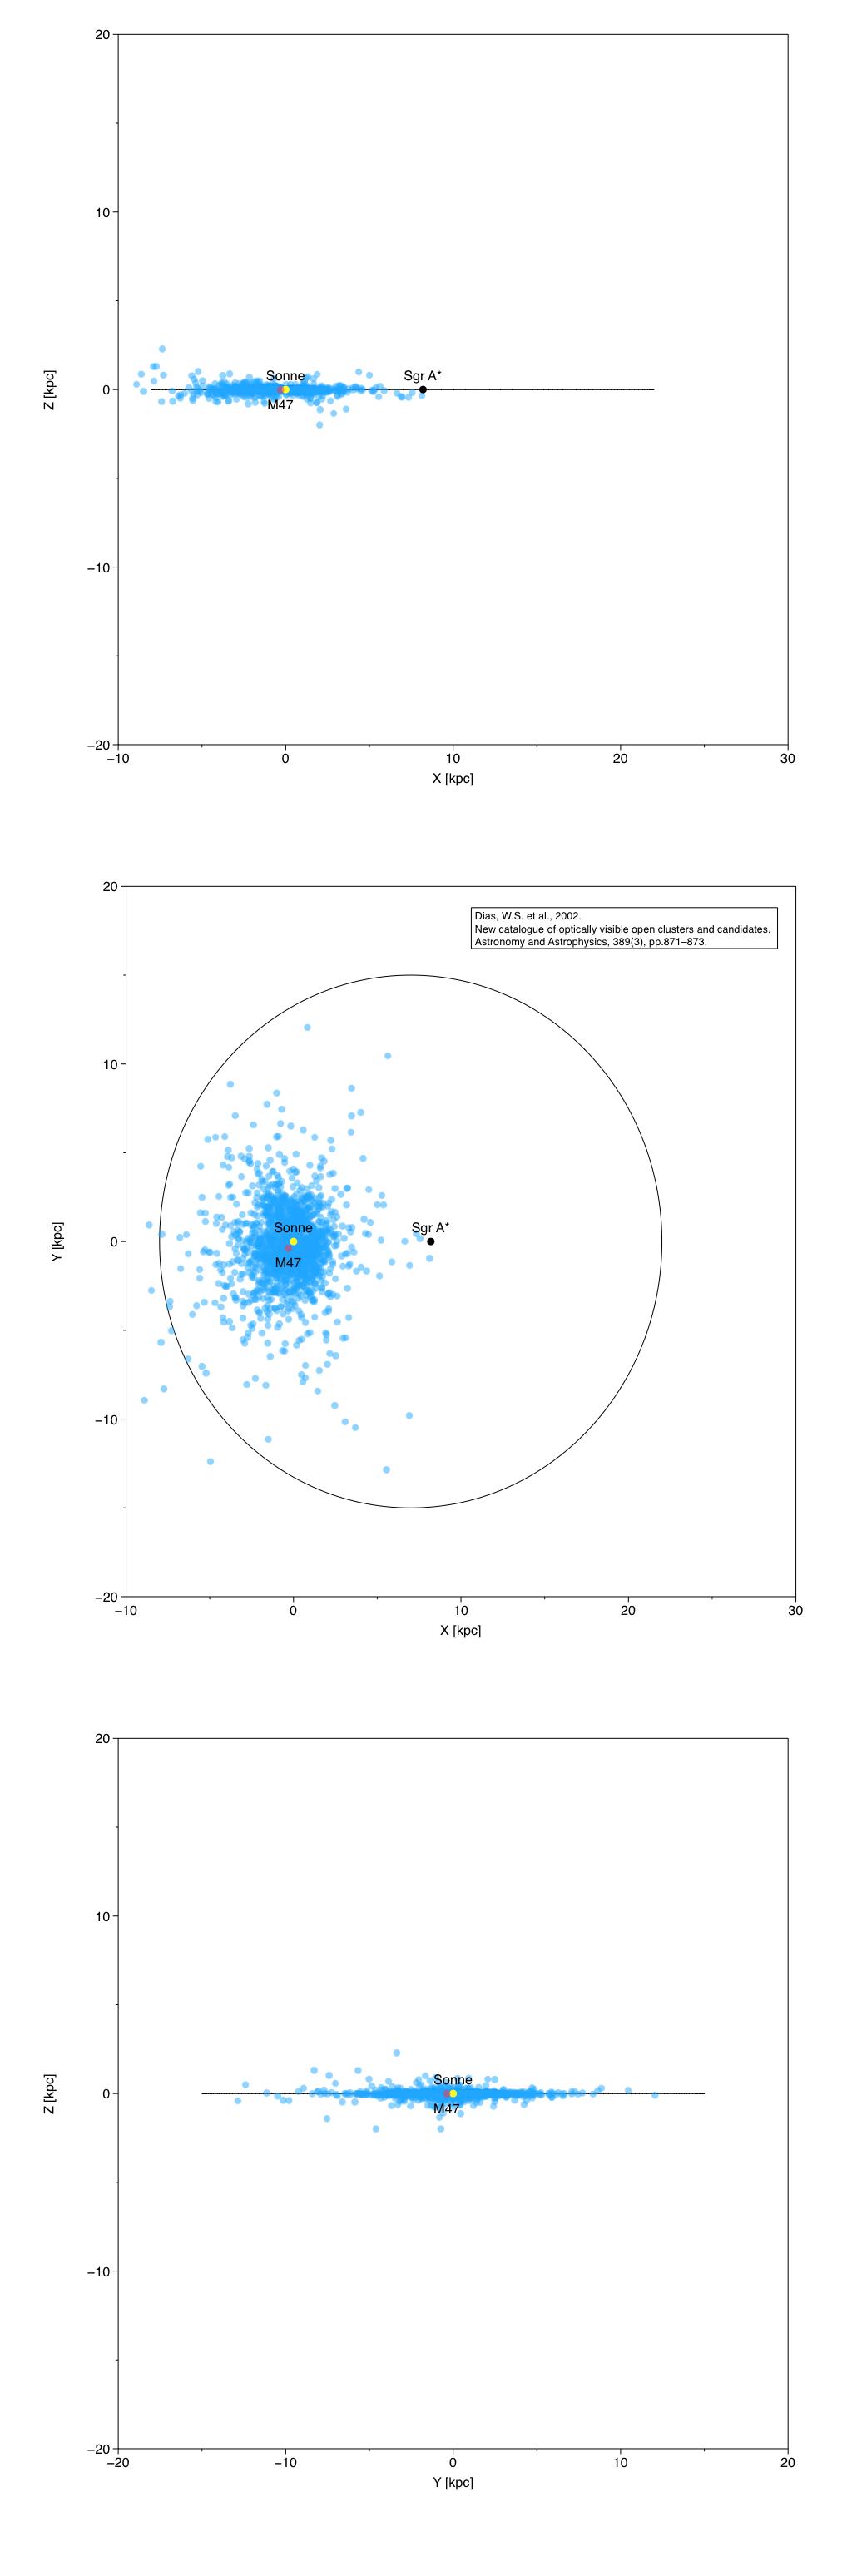 Die Position vom M47 (rot) innerhalb der Milchstrasse. Sonne (gelb), Zentrum der Milchstraße (schwarz), andere offene Sternhaufen (blau). Die Milchstraße wird durch einen erweiterten Kreis mit einem Durchmesser von 30 kpc angedeutet. Die x-Achse zeigt Richtung des Zentrum und die y-Achse in Richtung der Rotation der Milchstraße, die z-Achse weist auf den galaktischen Nordpol.